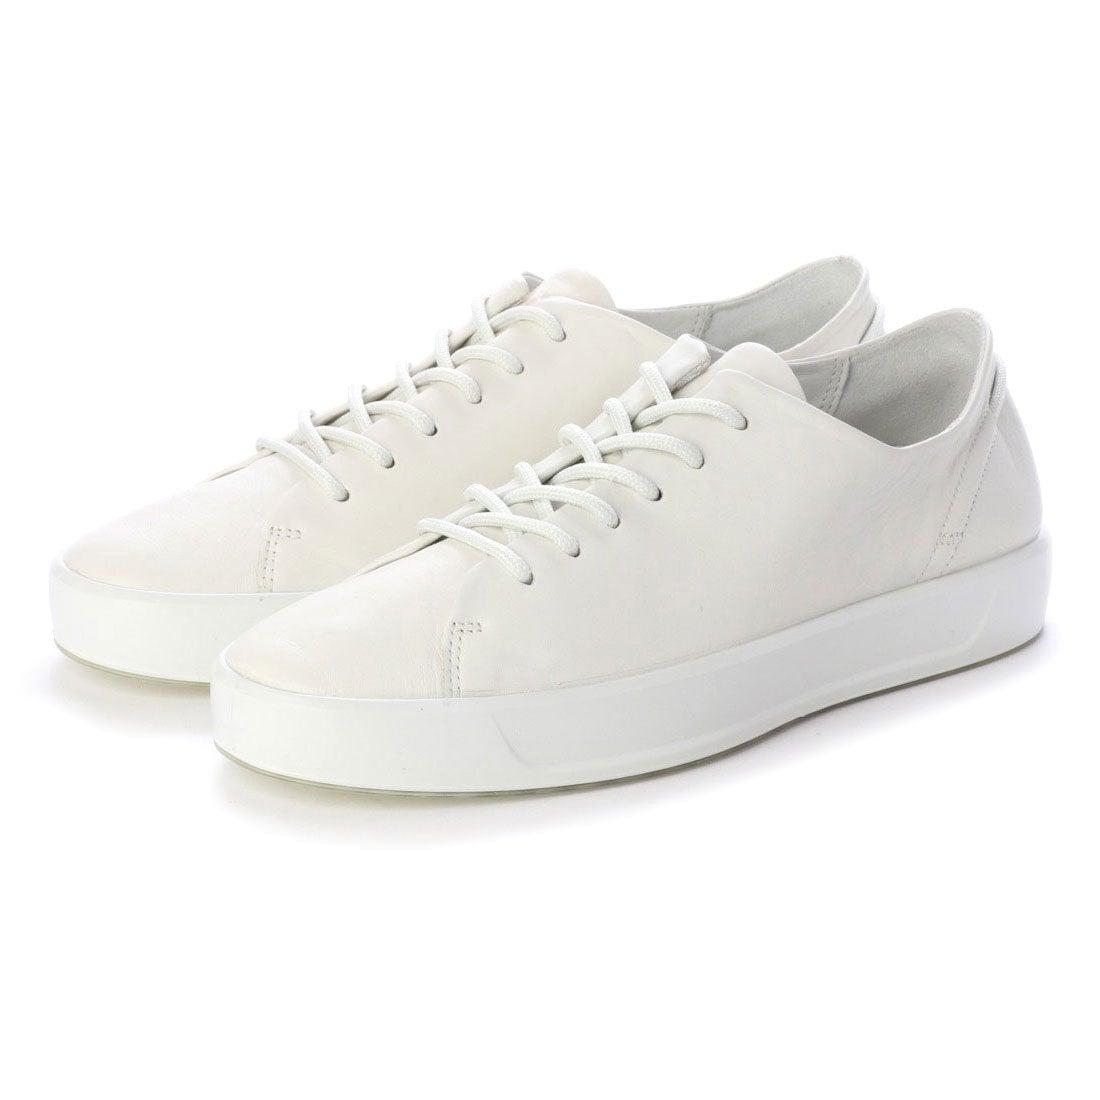 エコー ECCO SOFT 8 M Sneaker (SHADOW